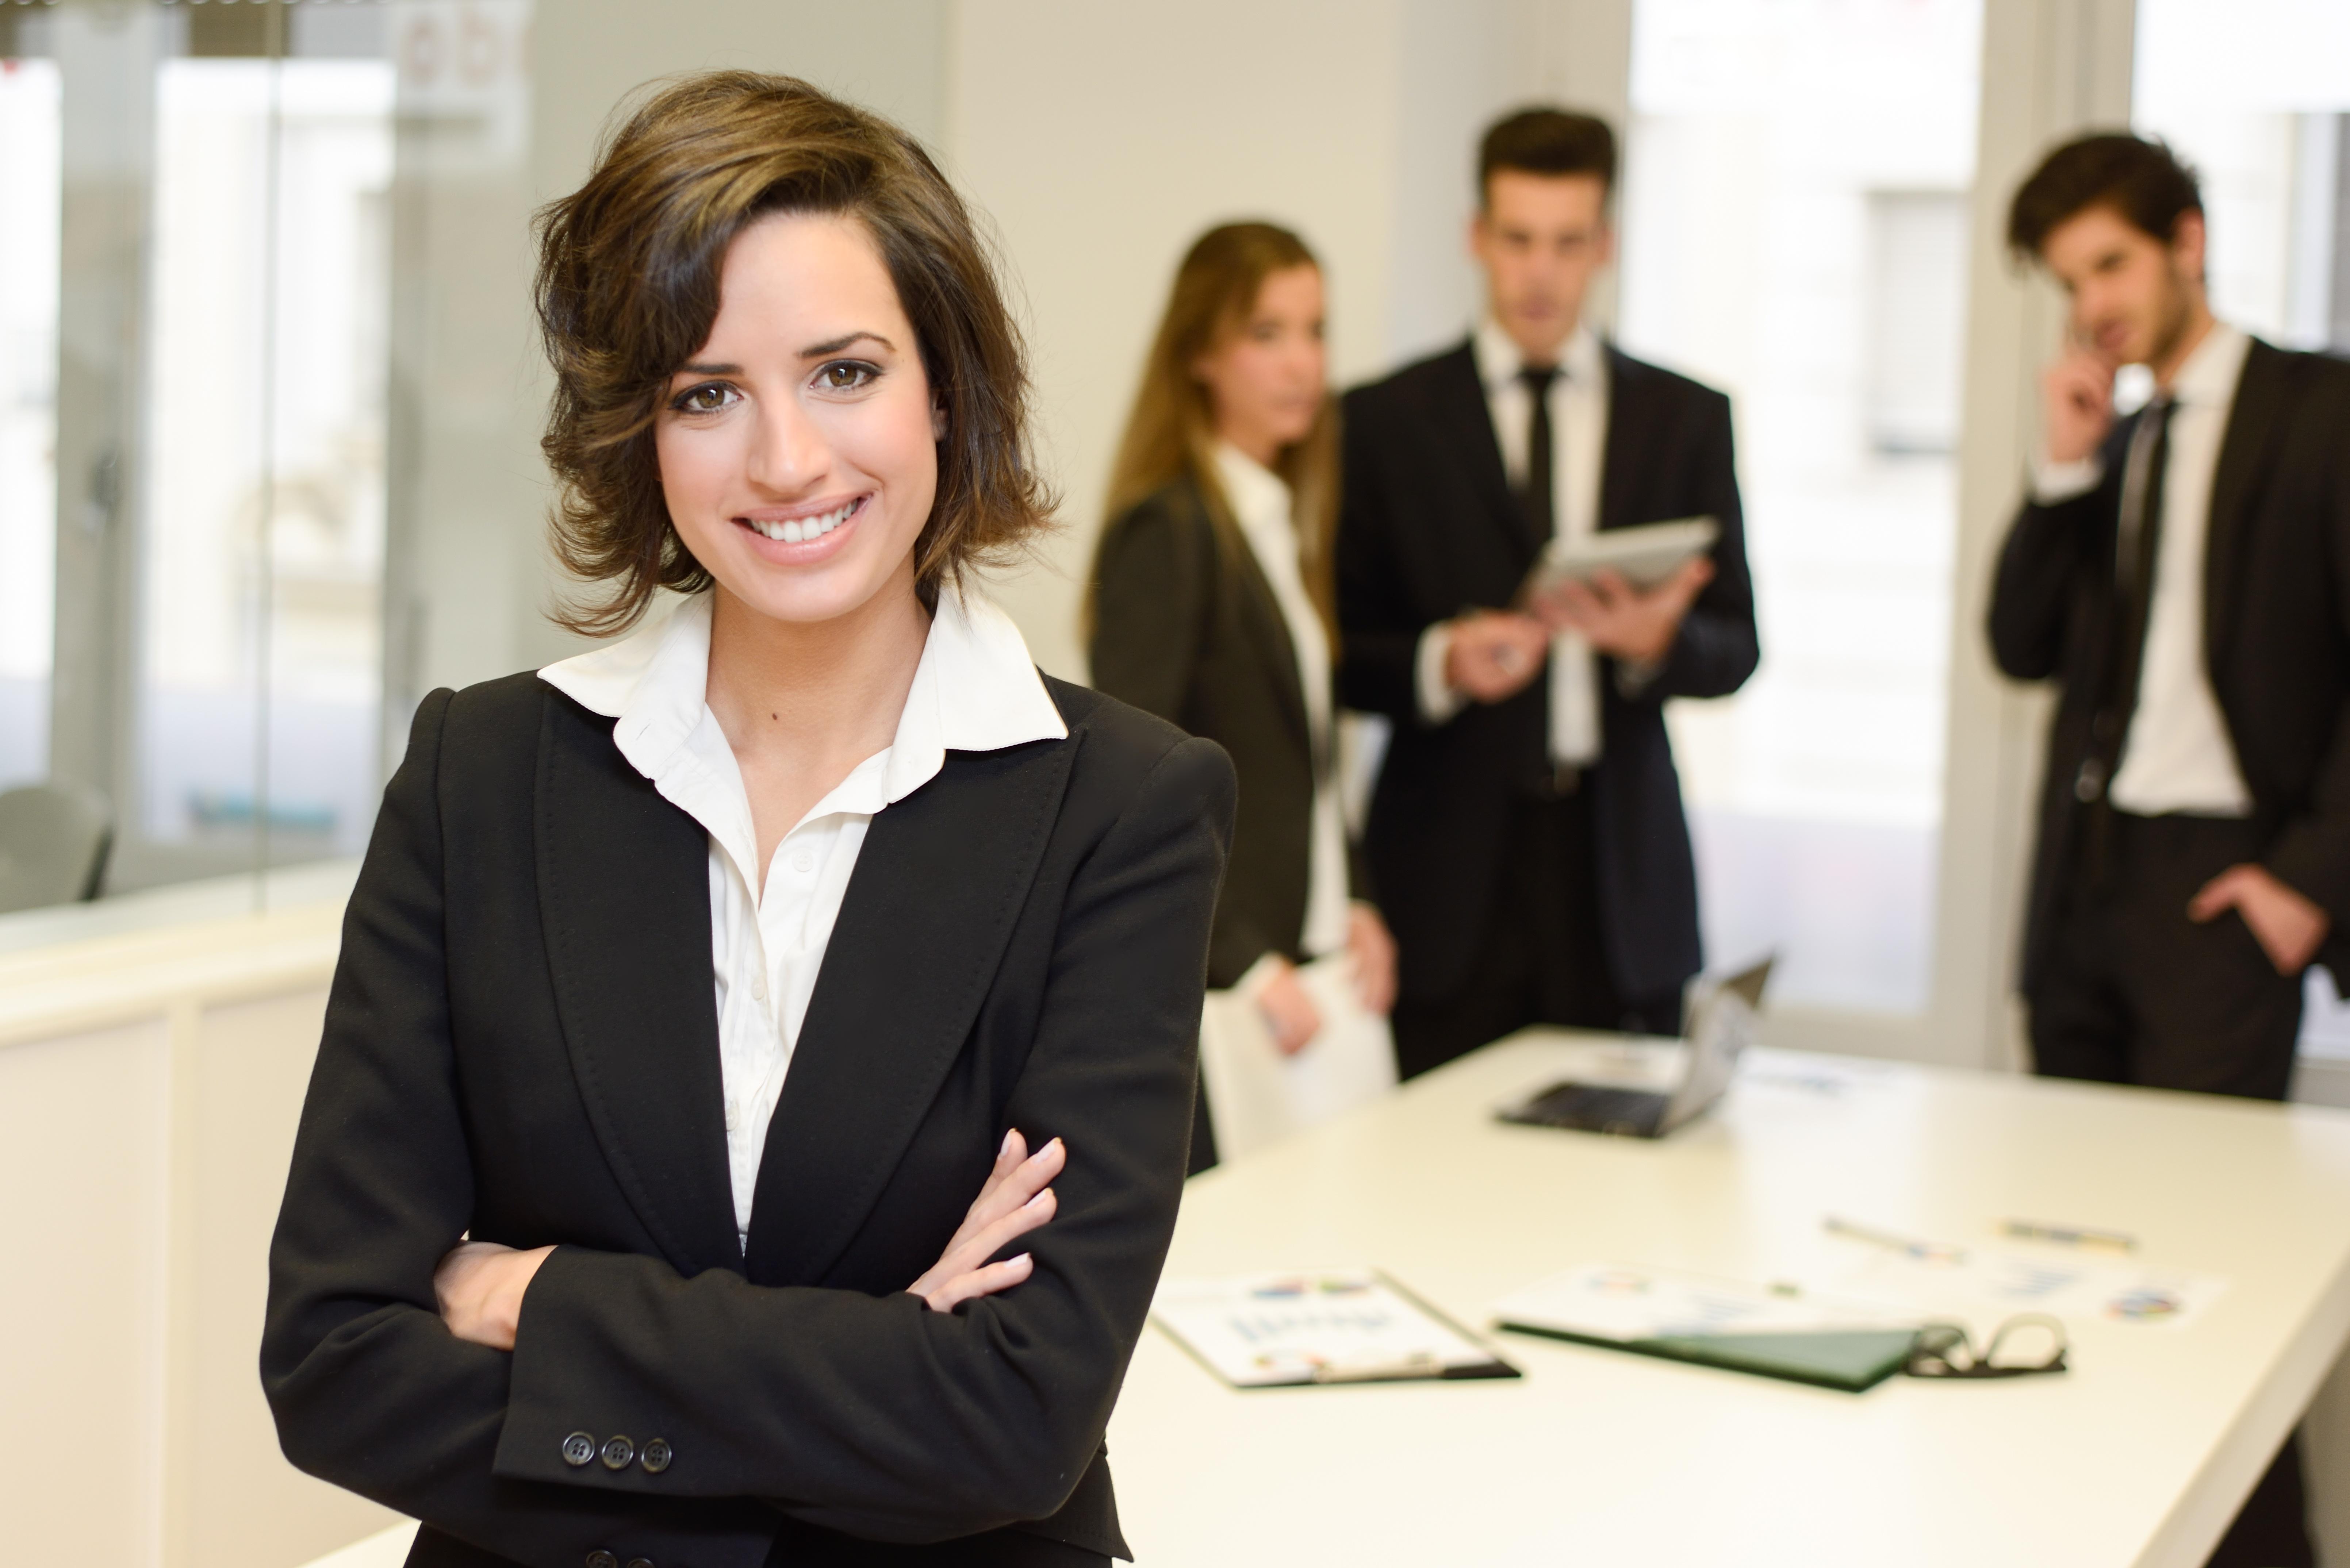 ¿Cómo actuar para ser un líder efectivo? - Featured Image